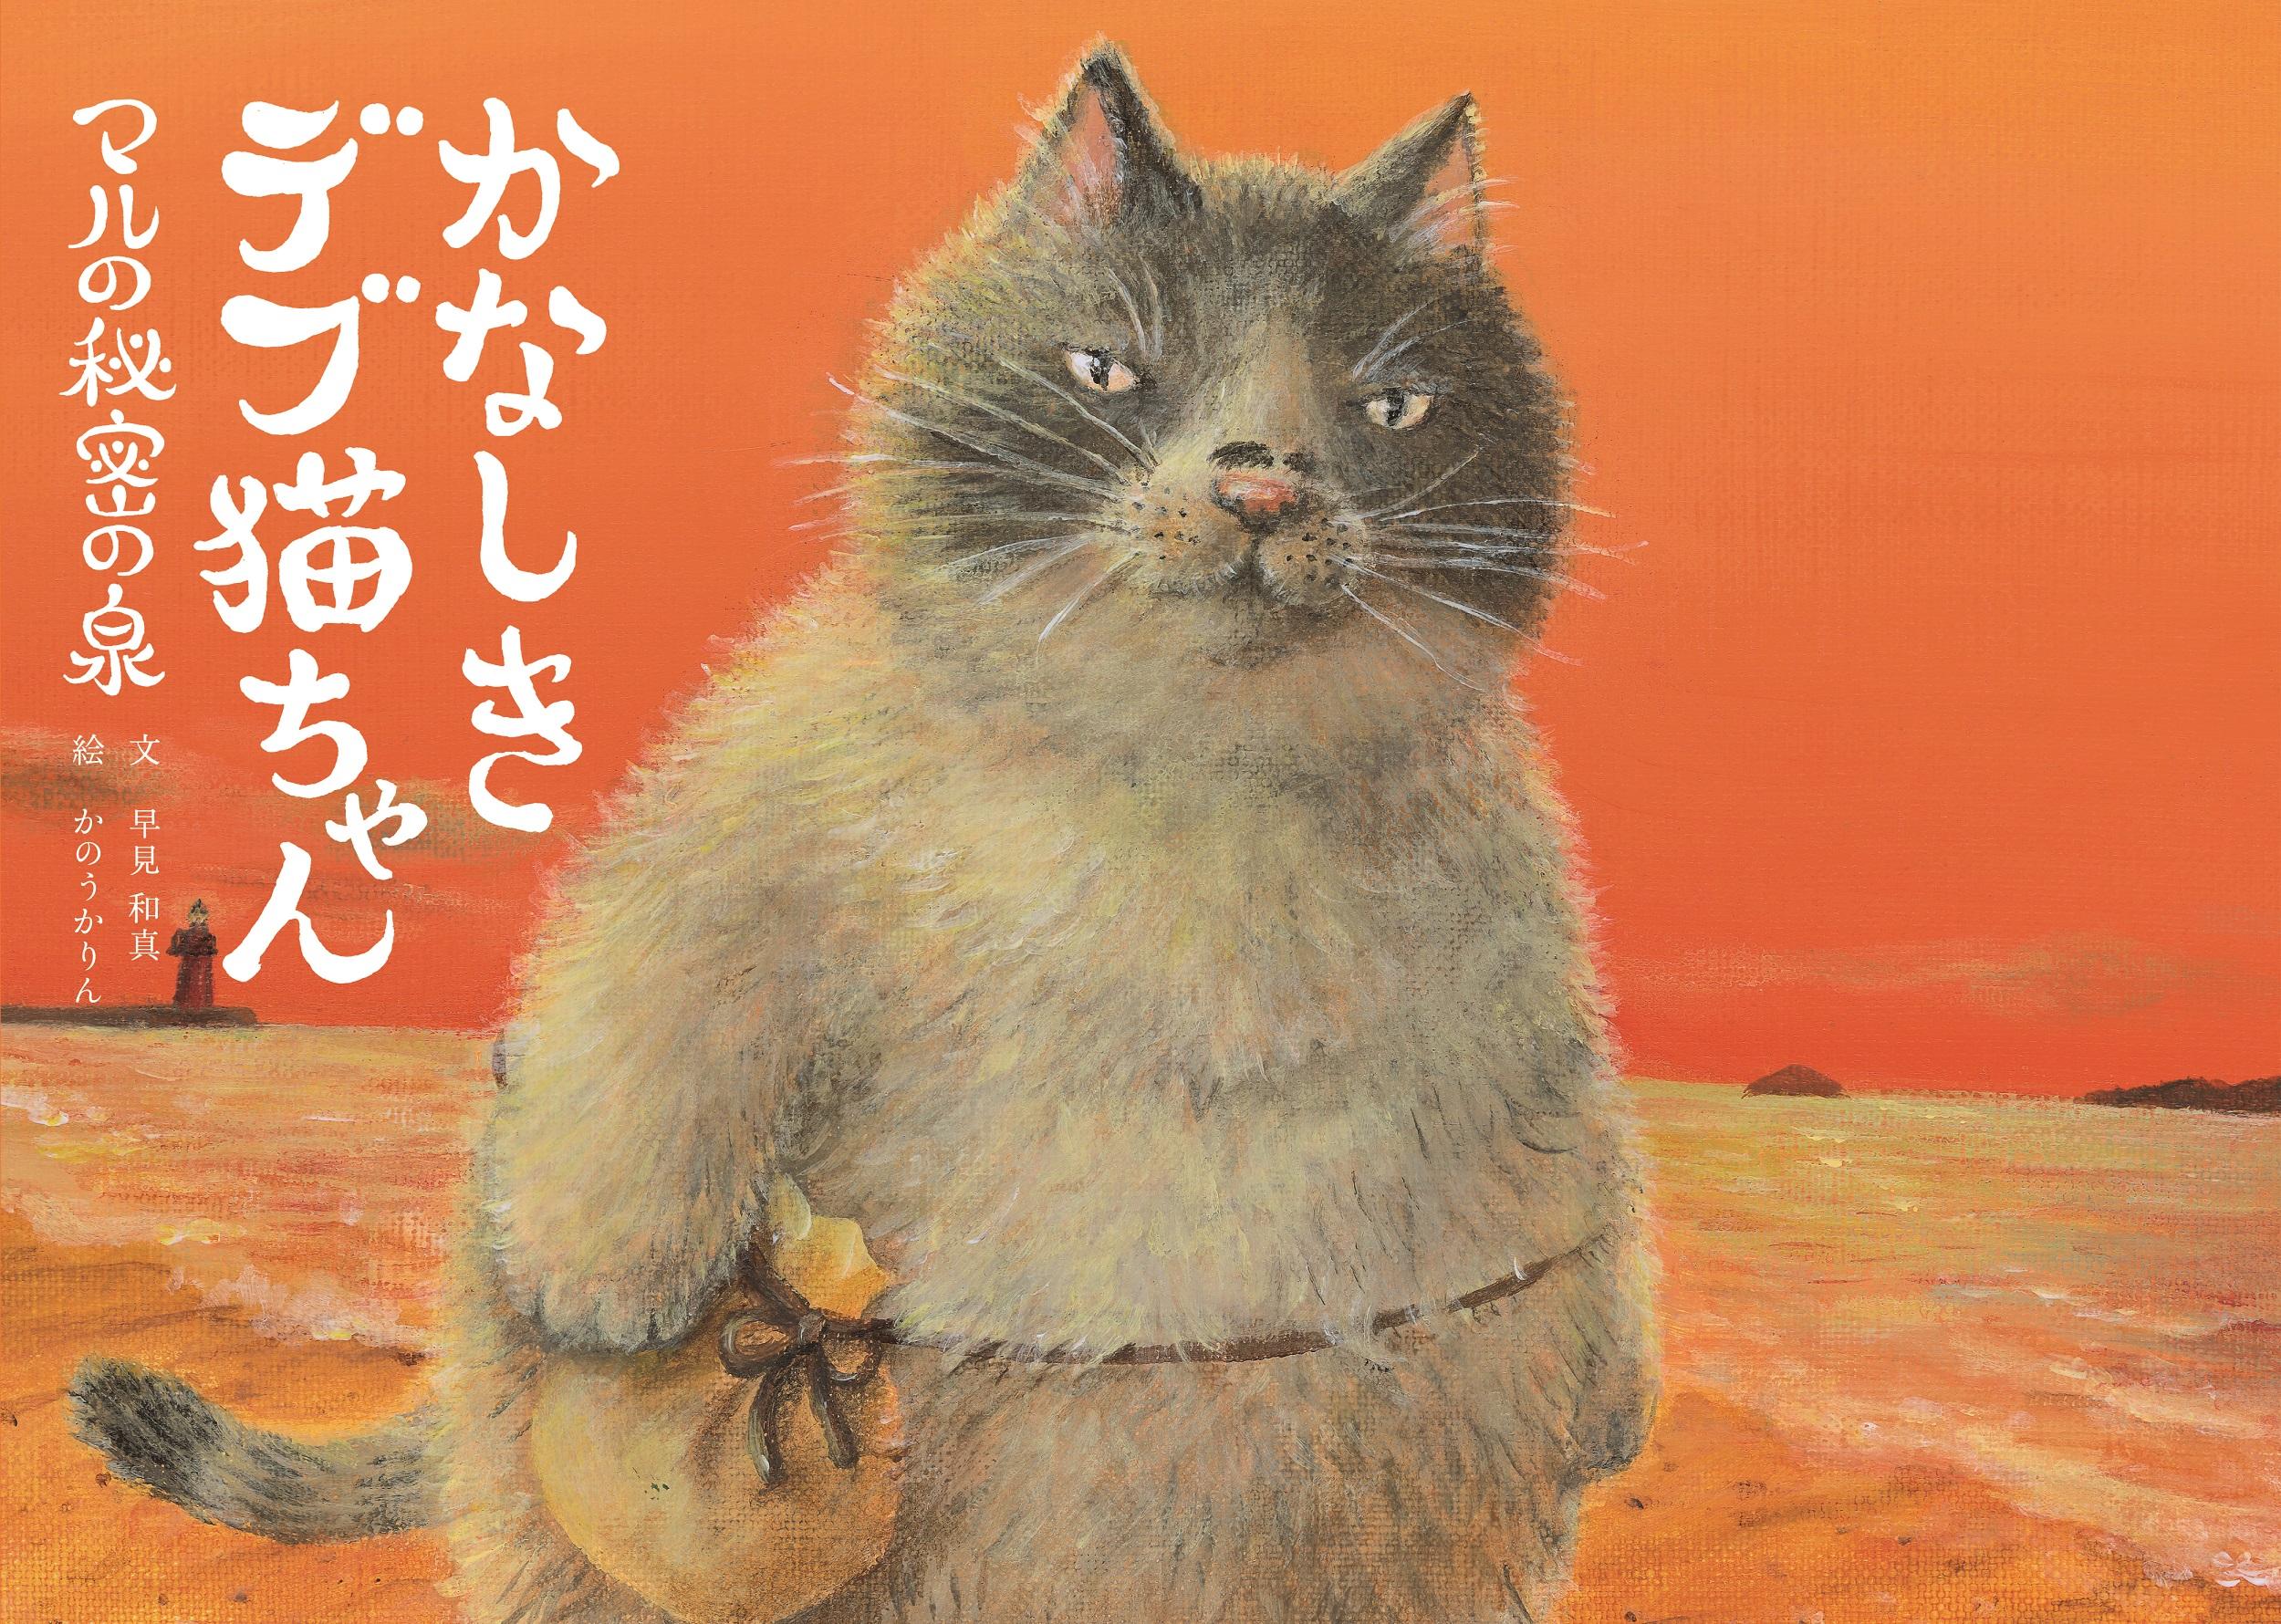 紀伊國屋書店:【大好評発売中!!】『かなしきデブ猫ちゃん マルの秘密の泉』(愛媛新聞社)